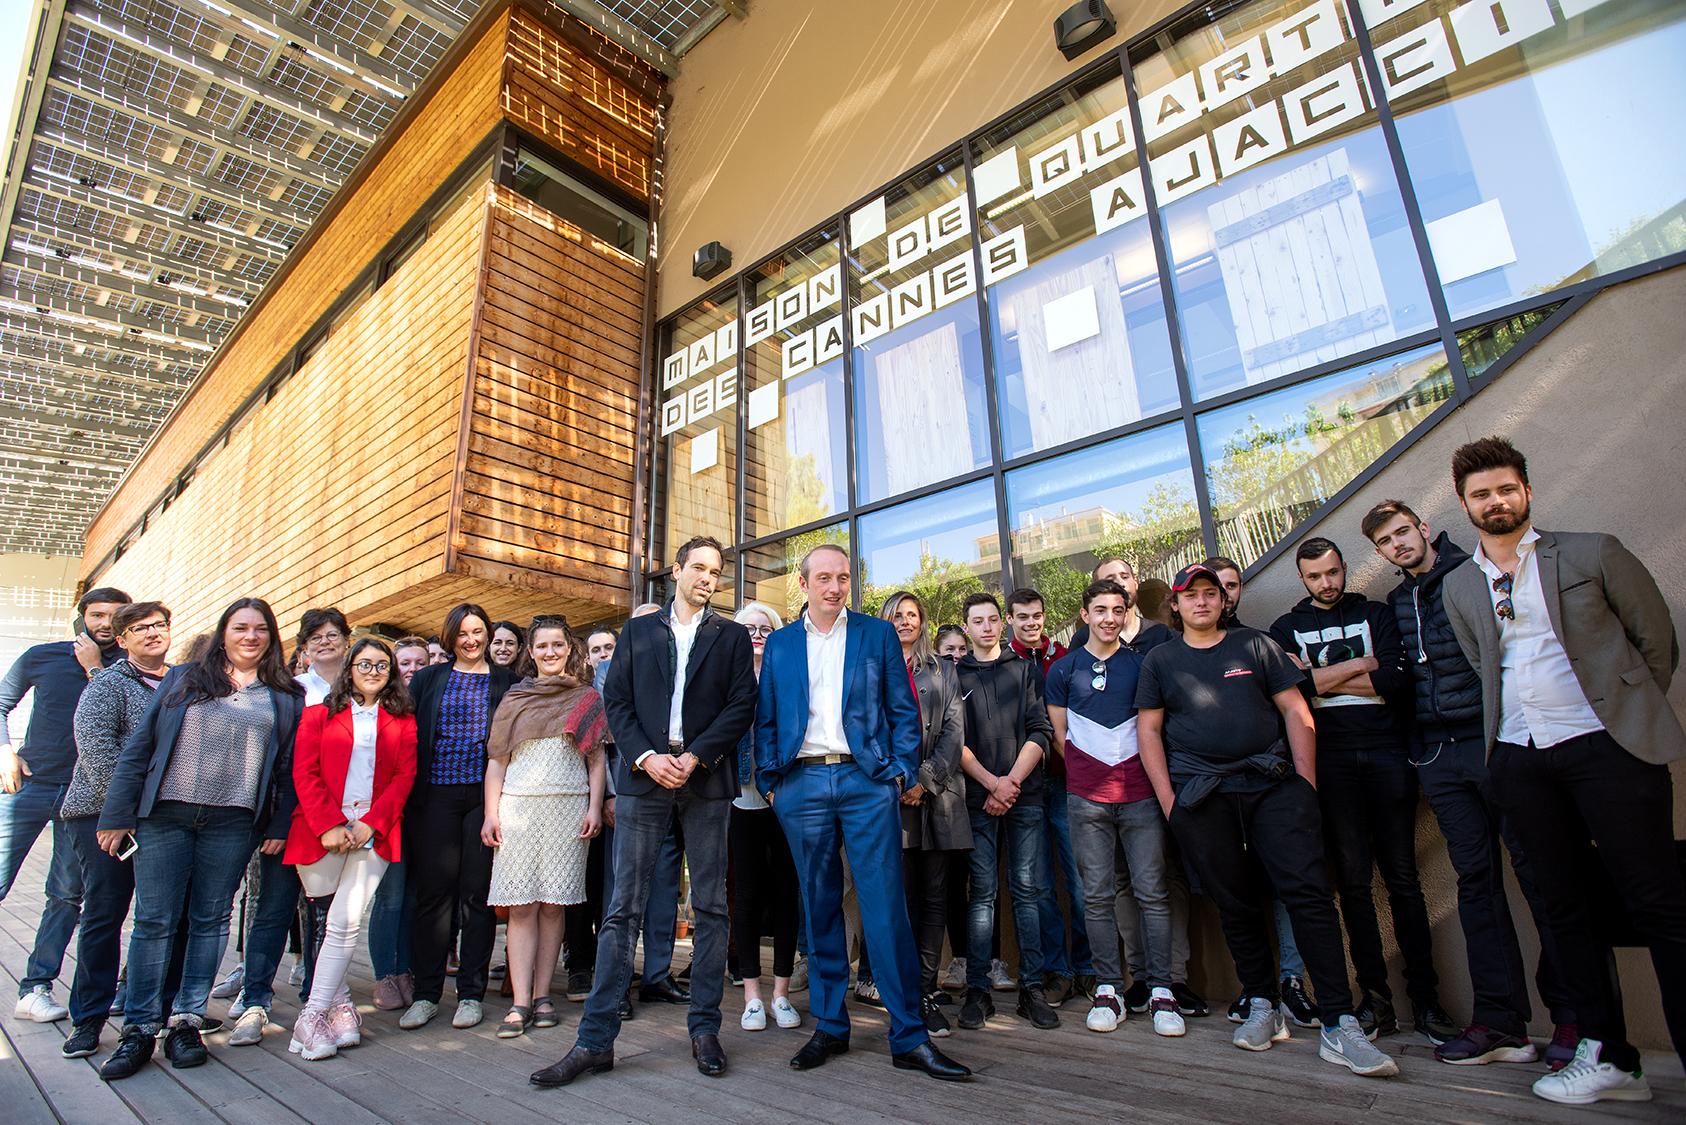 Le Coopérative d'Initiative Jeunes Corsica a organisé un séminaire pour faire mieux comprendre les mécanismes de l'Union Européenne et sensibiliser les jeunes sur l'importance de leur vote pour les prochaines élections européennes (photo Ville d'Ajaccio).